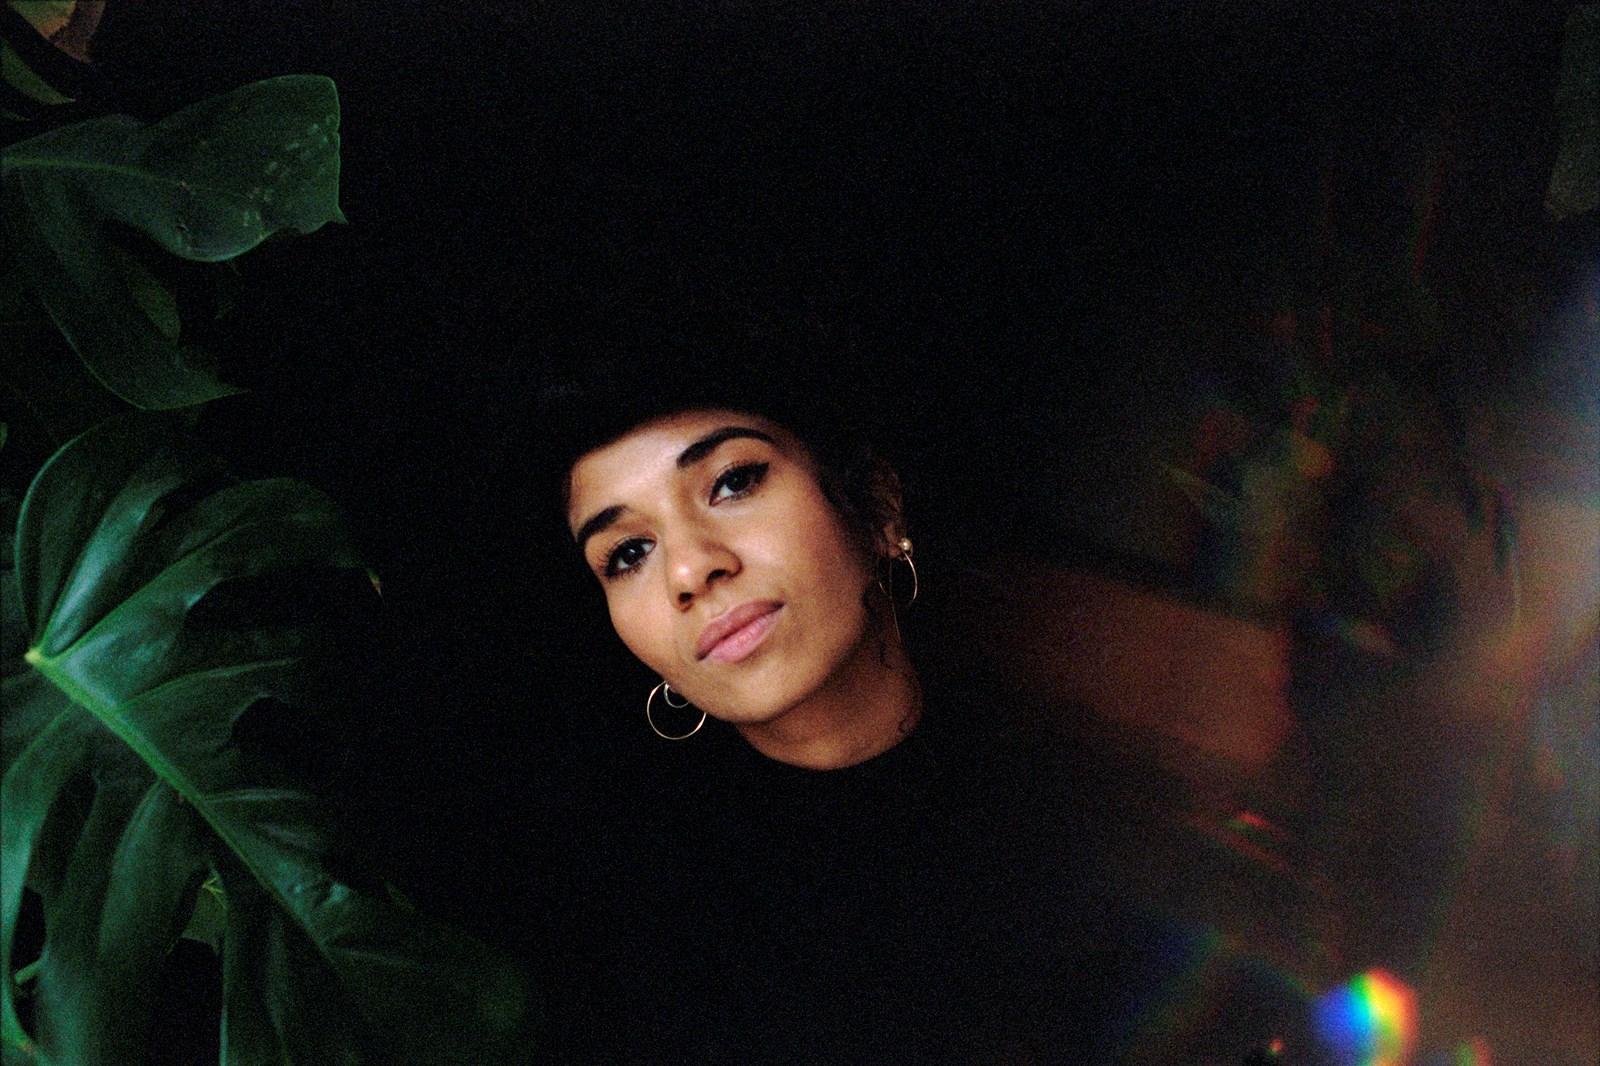 """Лондонский продюсер Набия Икбал выпустил дебютный лонгплей """"Weighing Of The Heart"""" на лейбле Ninja Tune"""